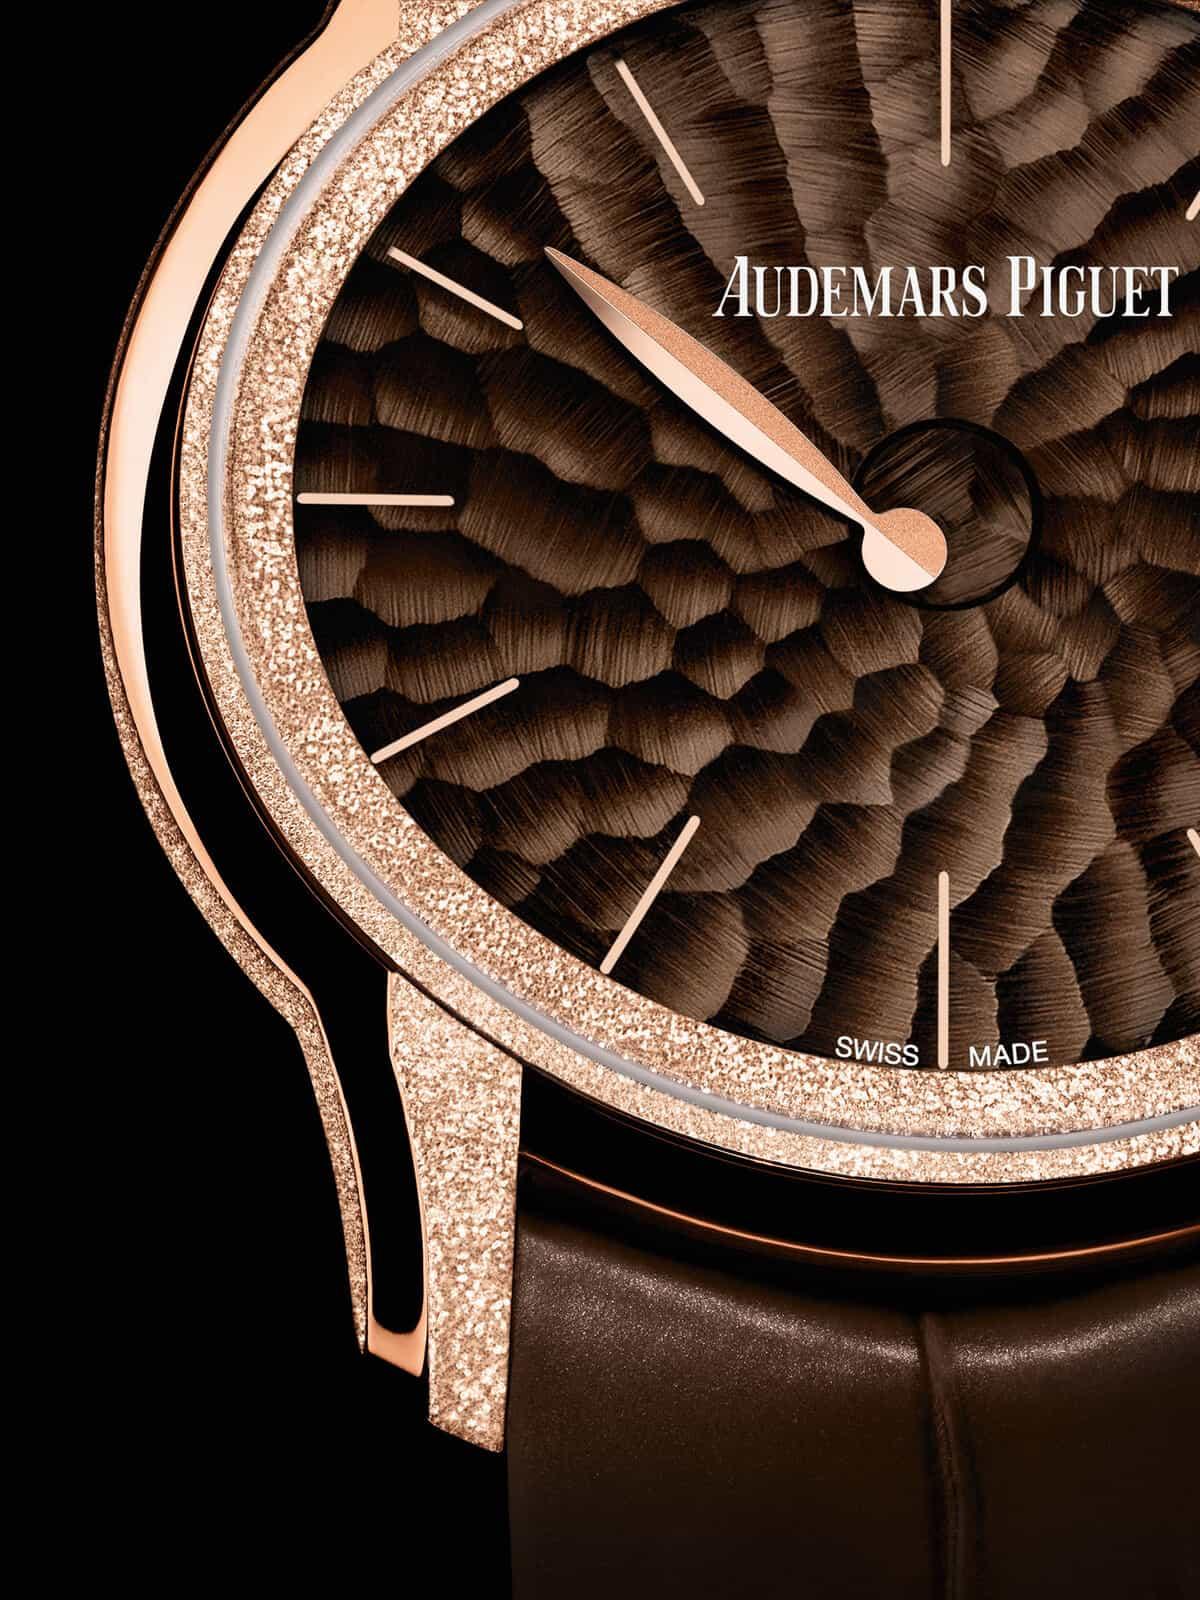 Audemars Piguet Millenary Frosted Gold Philosophique 6